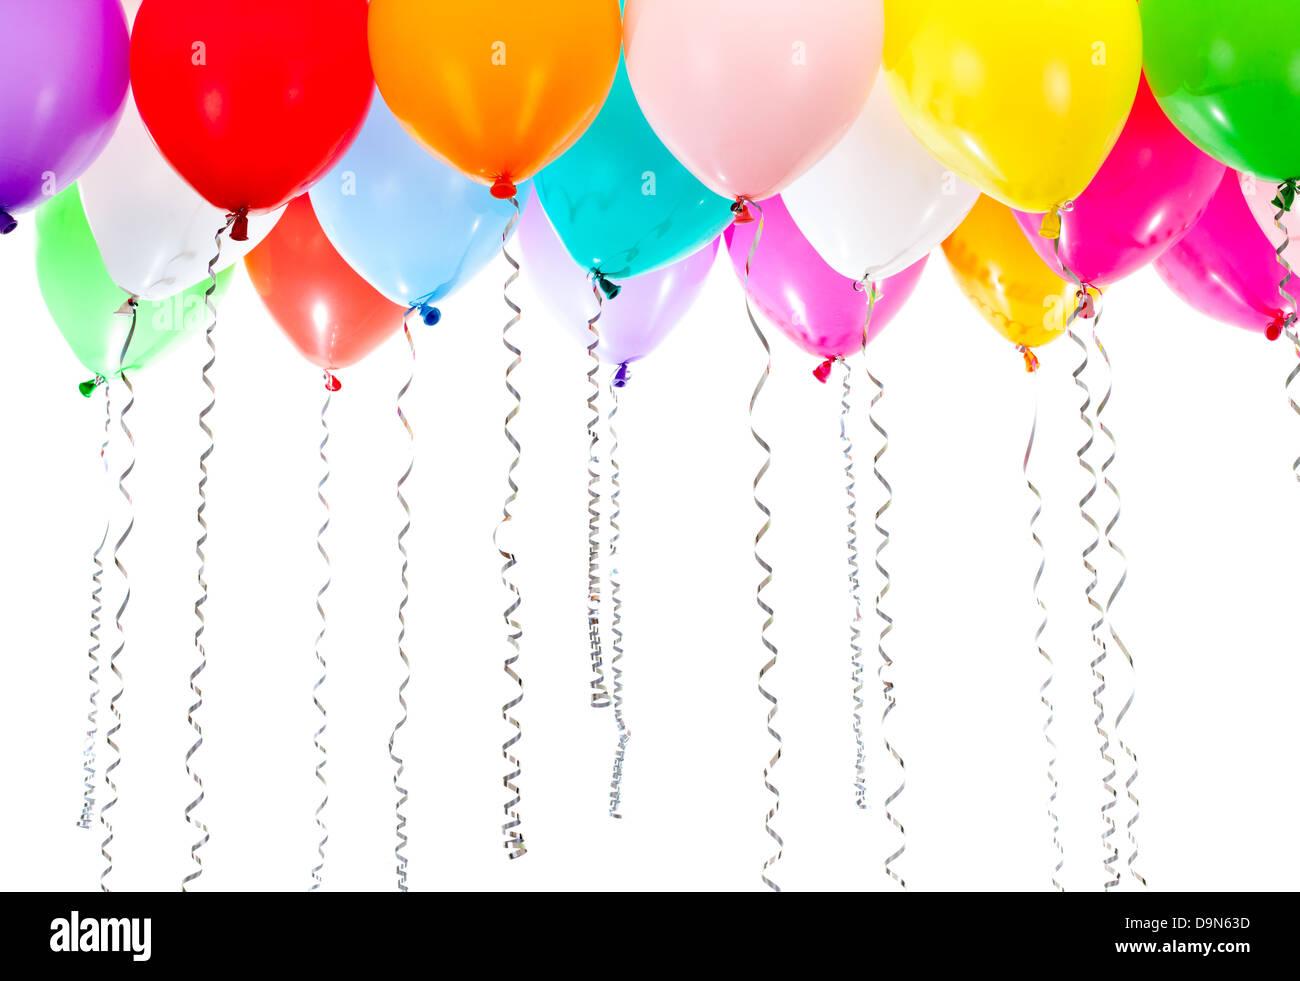 Globos de colores con serpentinas en la fiesta de cumpleaños Imagen De Stock